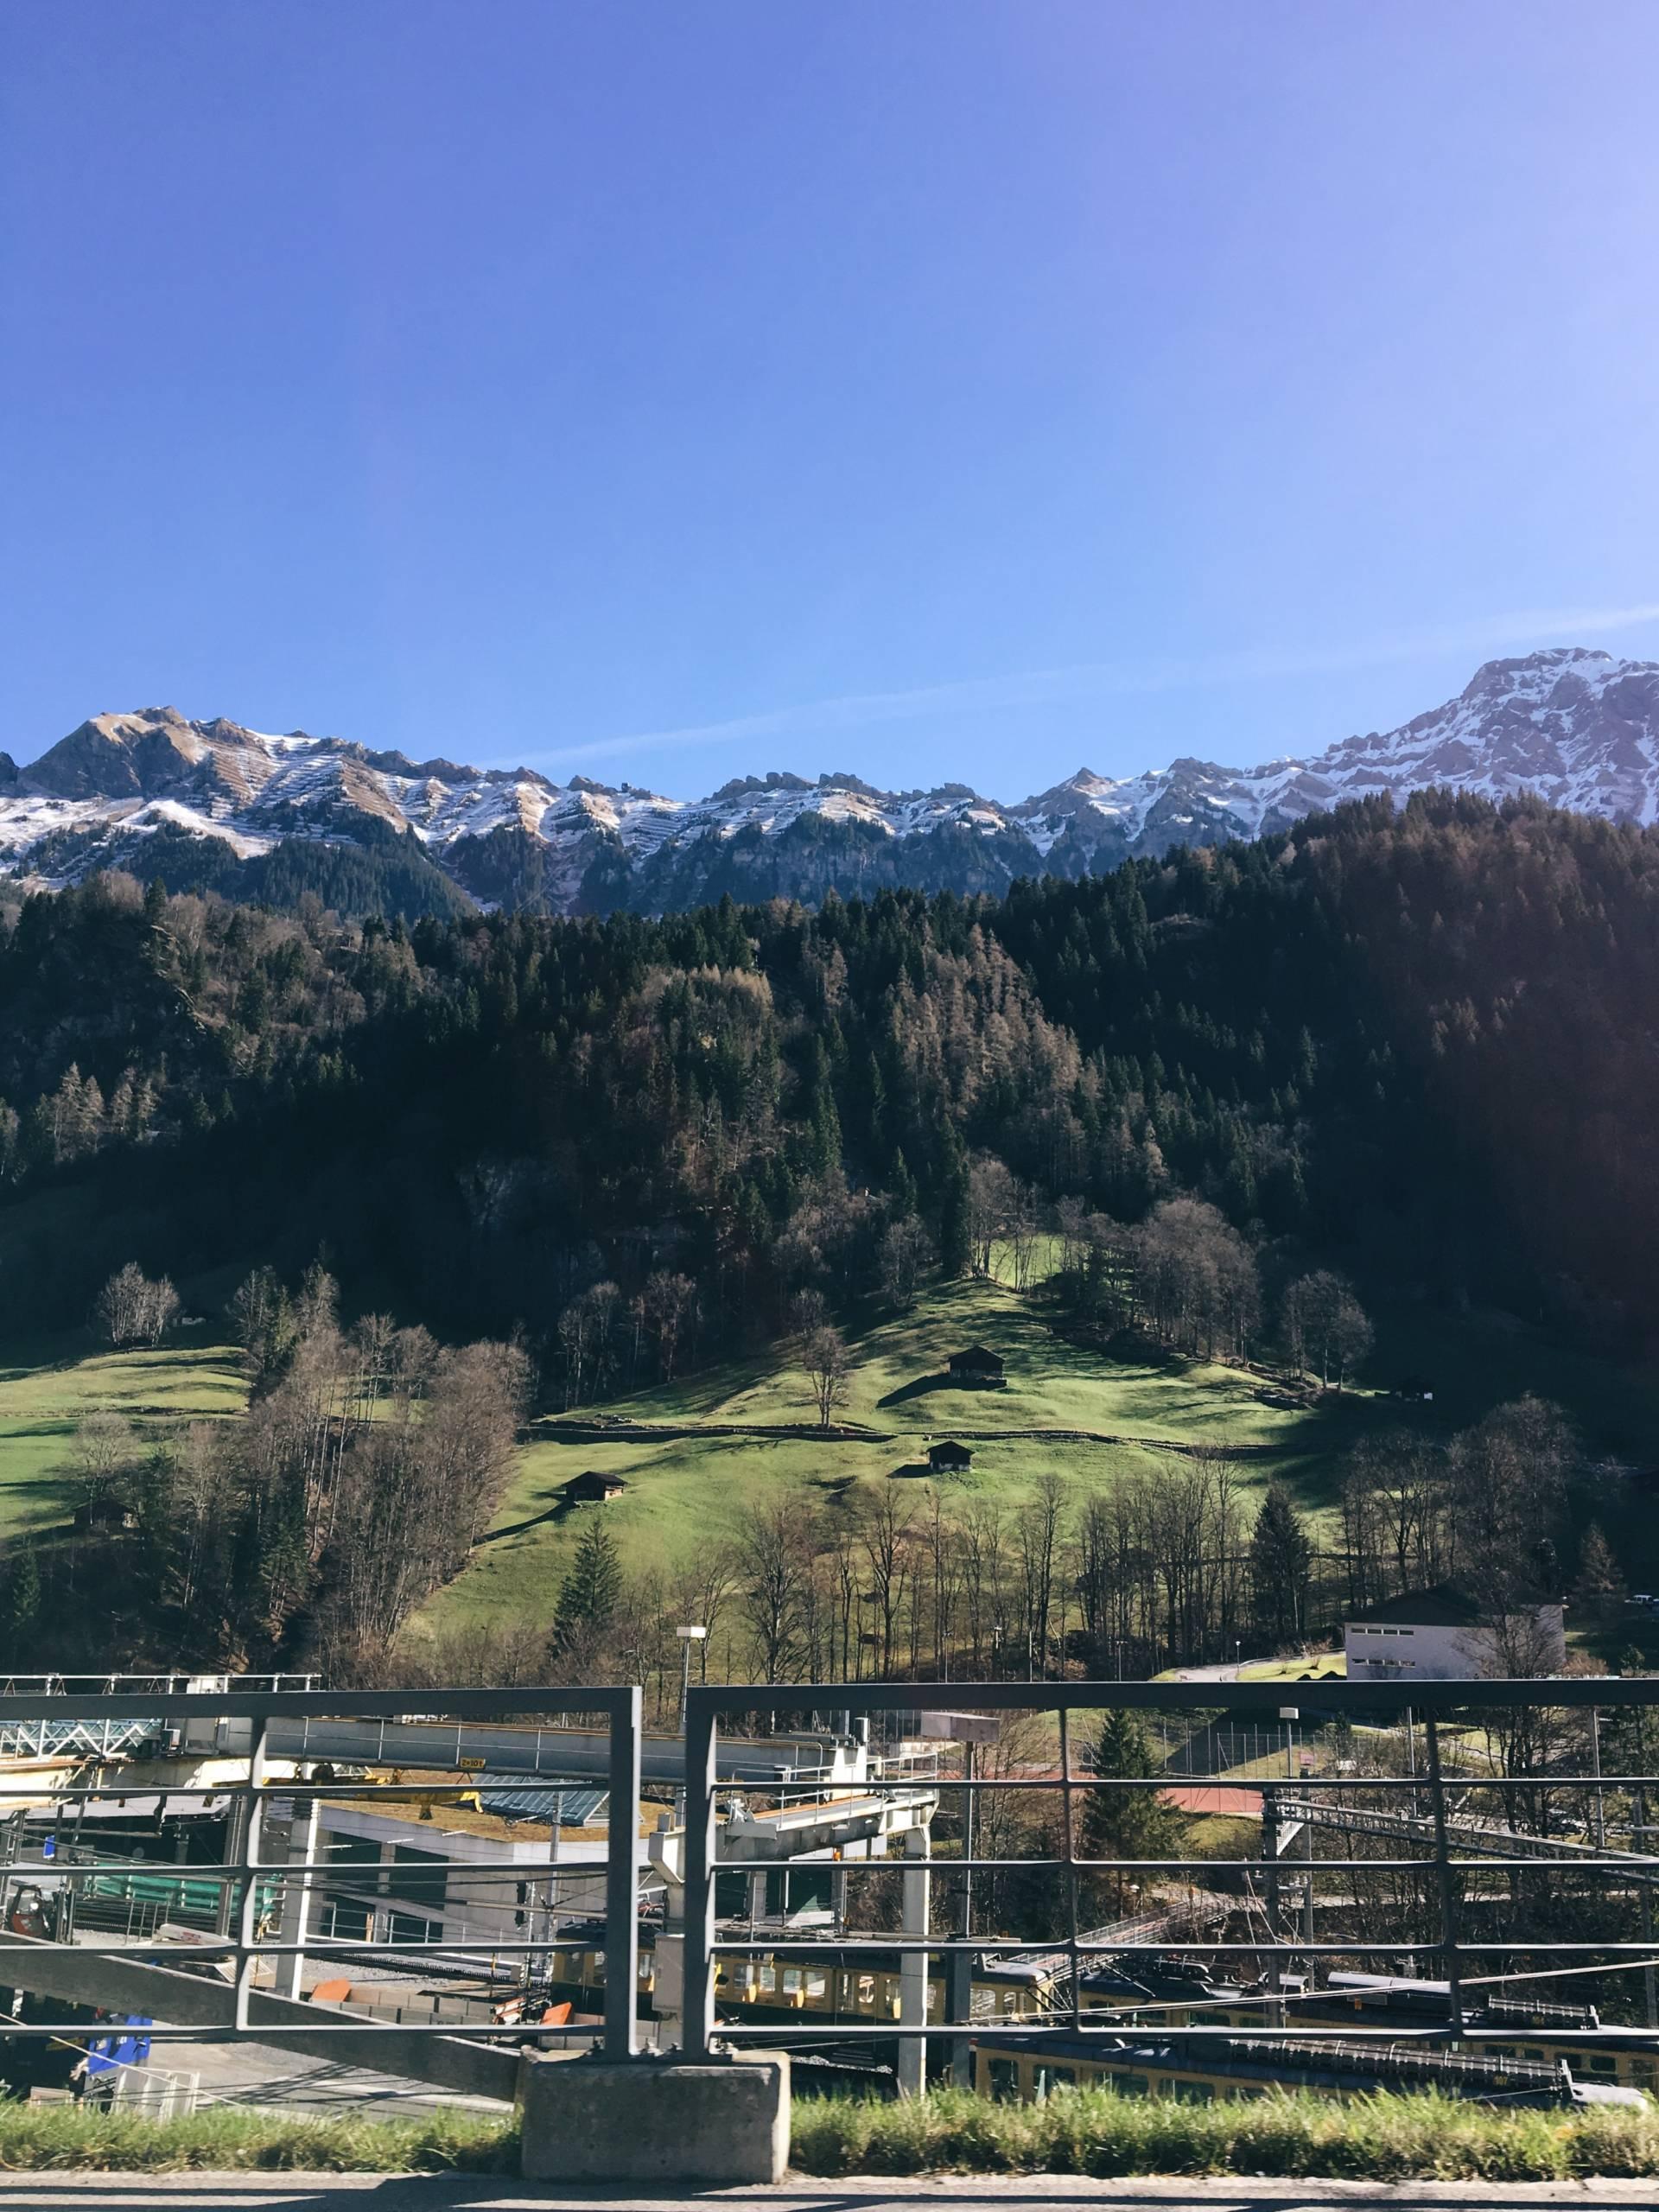 Roadtripping through Switzerland